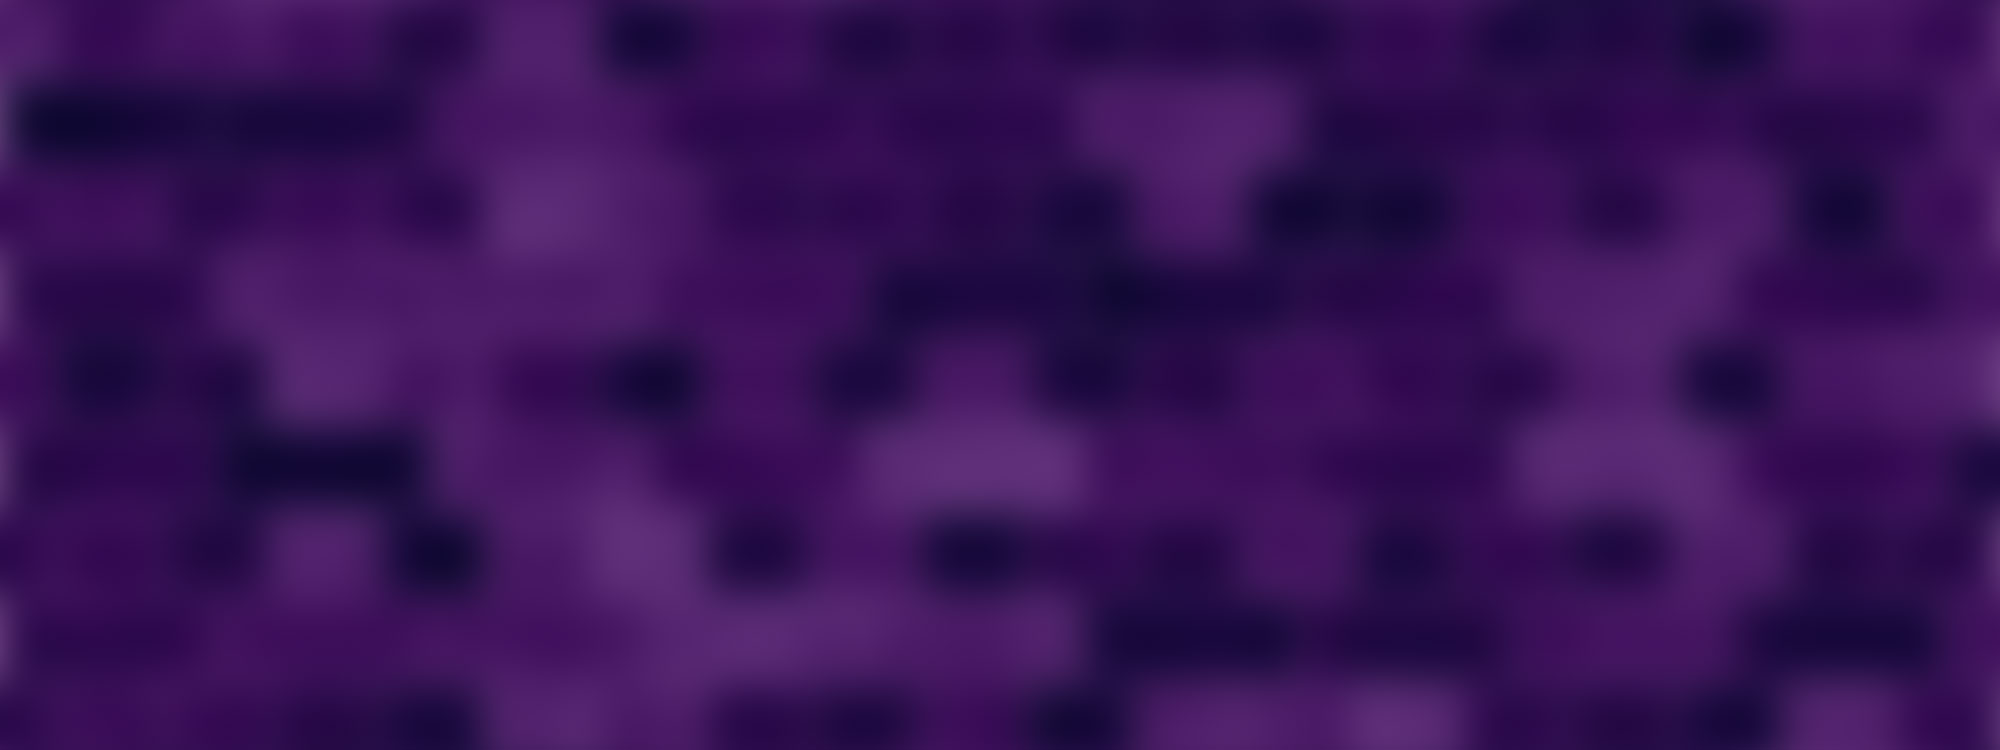 LVP233_slide_blur